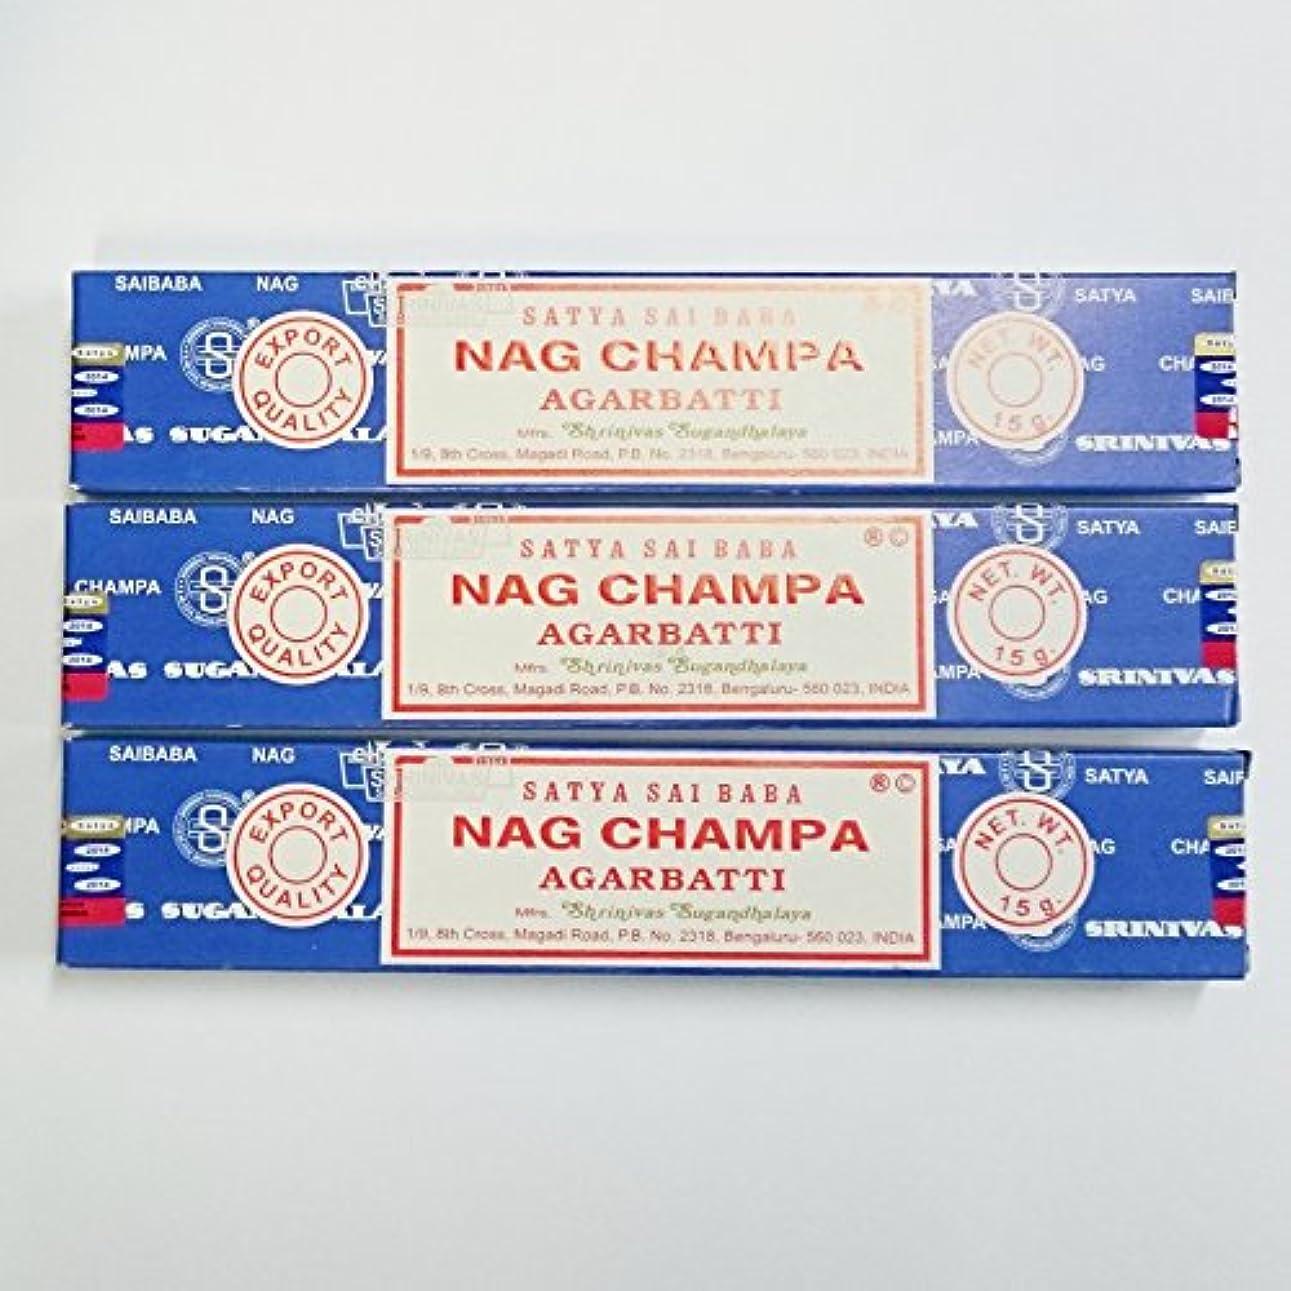 ウルルホバーのためHEM社の7チャクラ&SATYA サイババナグチャンパ香 3箱セット